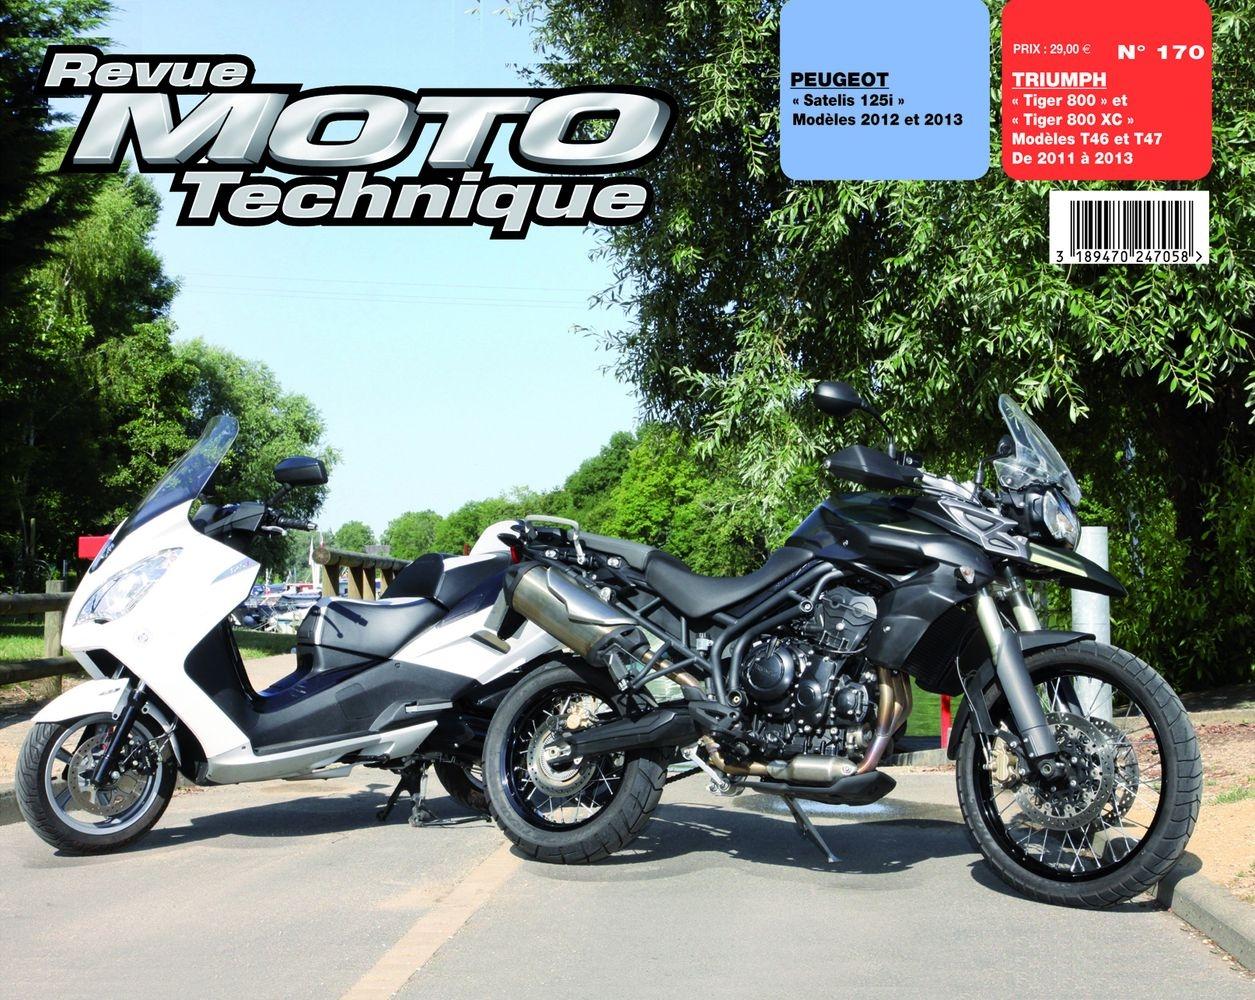 Revue Moto Technique 170 Peugeot Satelis 125 / Triumph Tiger 800